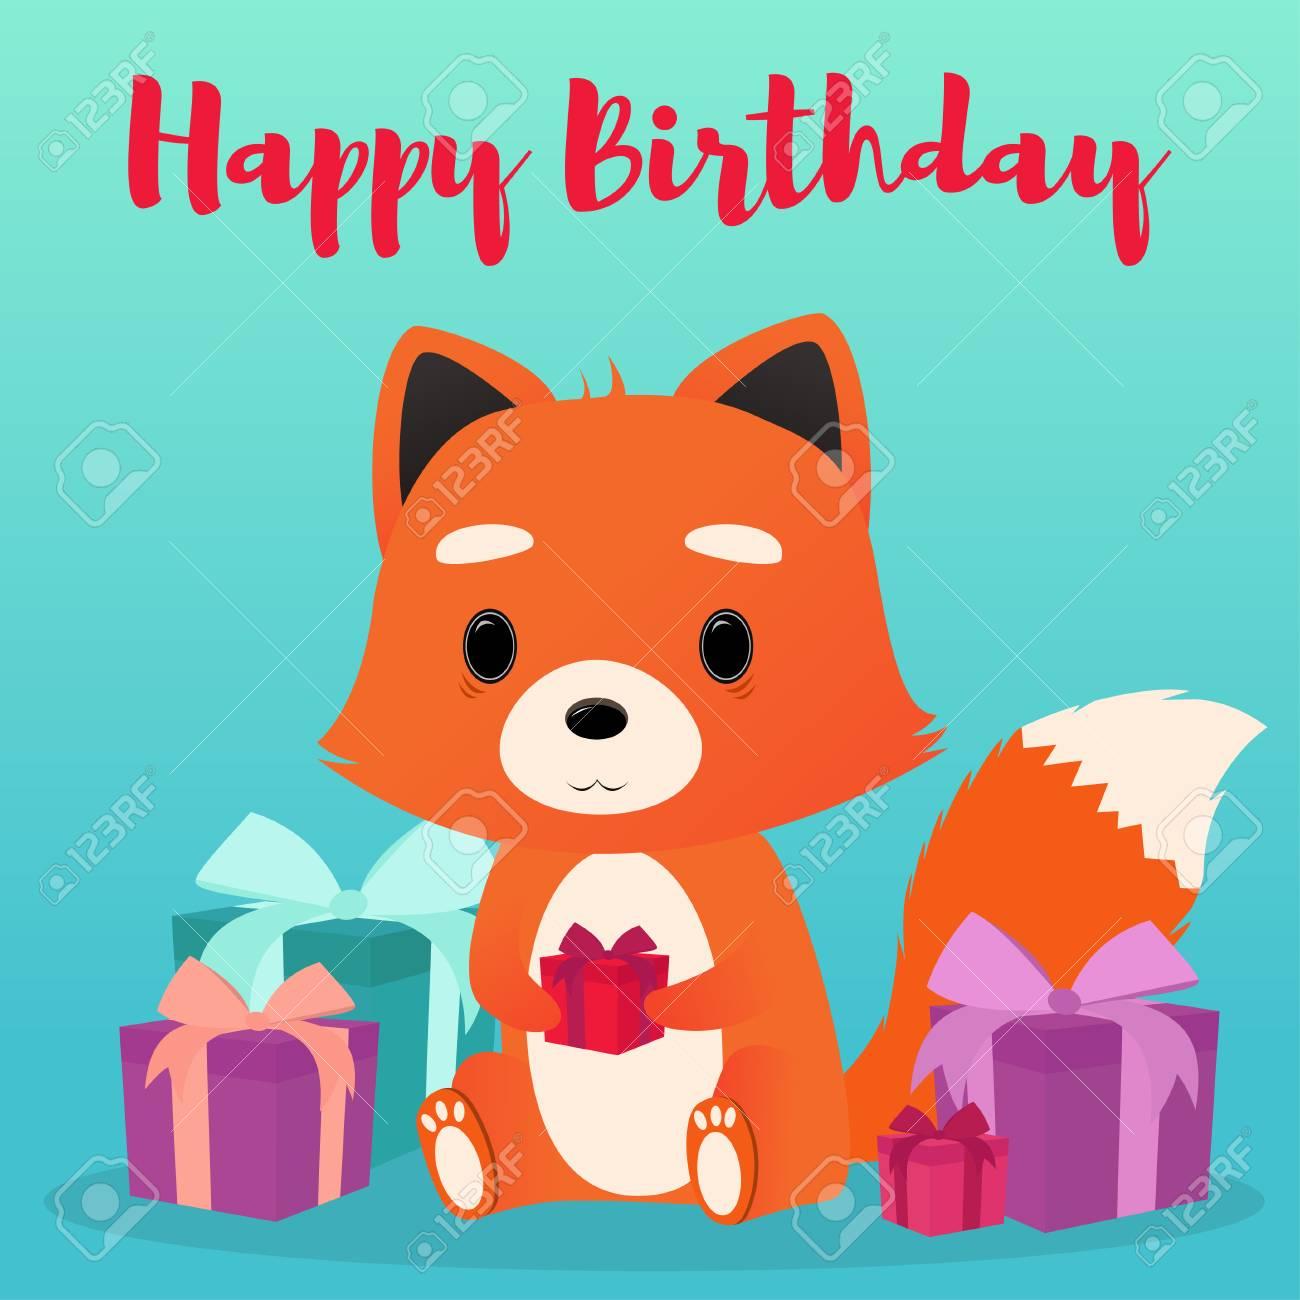 Joyeux anniversaire Ys 77859489-renard-mignon-avec-une-bo%C3%AEte-cadeau-dans-les-mains-bon-anniversaire-illustration-vectorielle